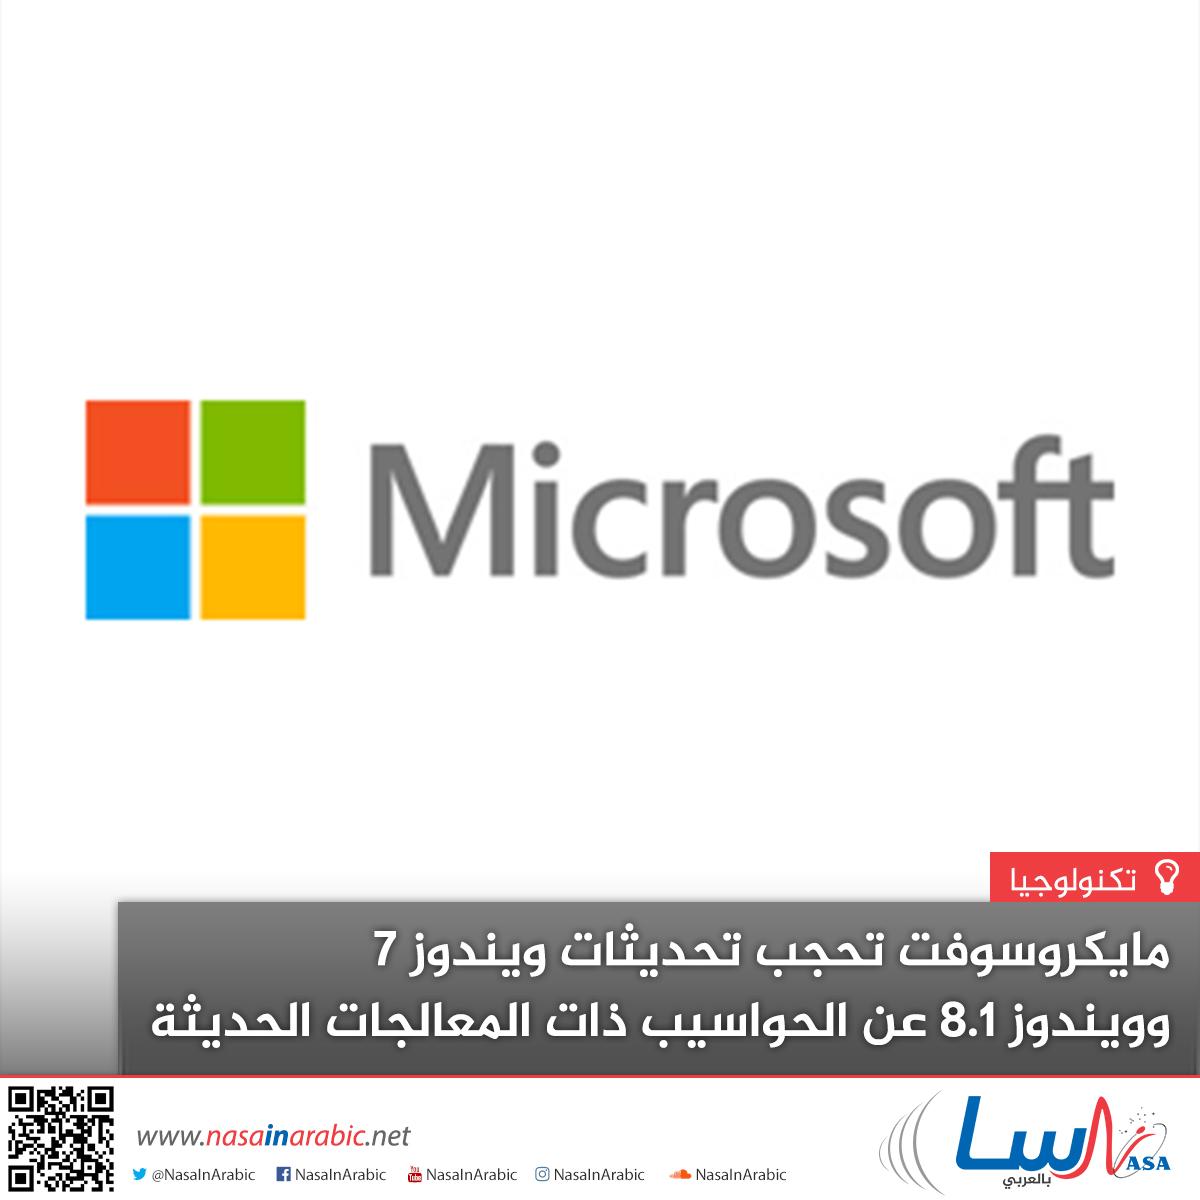 مايكروسوفت تحجب تحديثات ويندوز 7 وويندوز 8.1 عن الحواسيب ذات المعالجات الحديثة